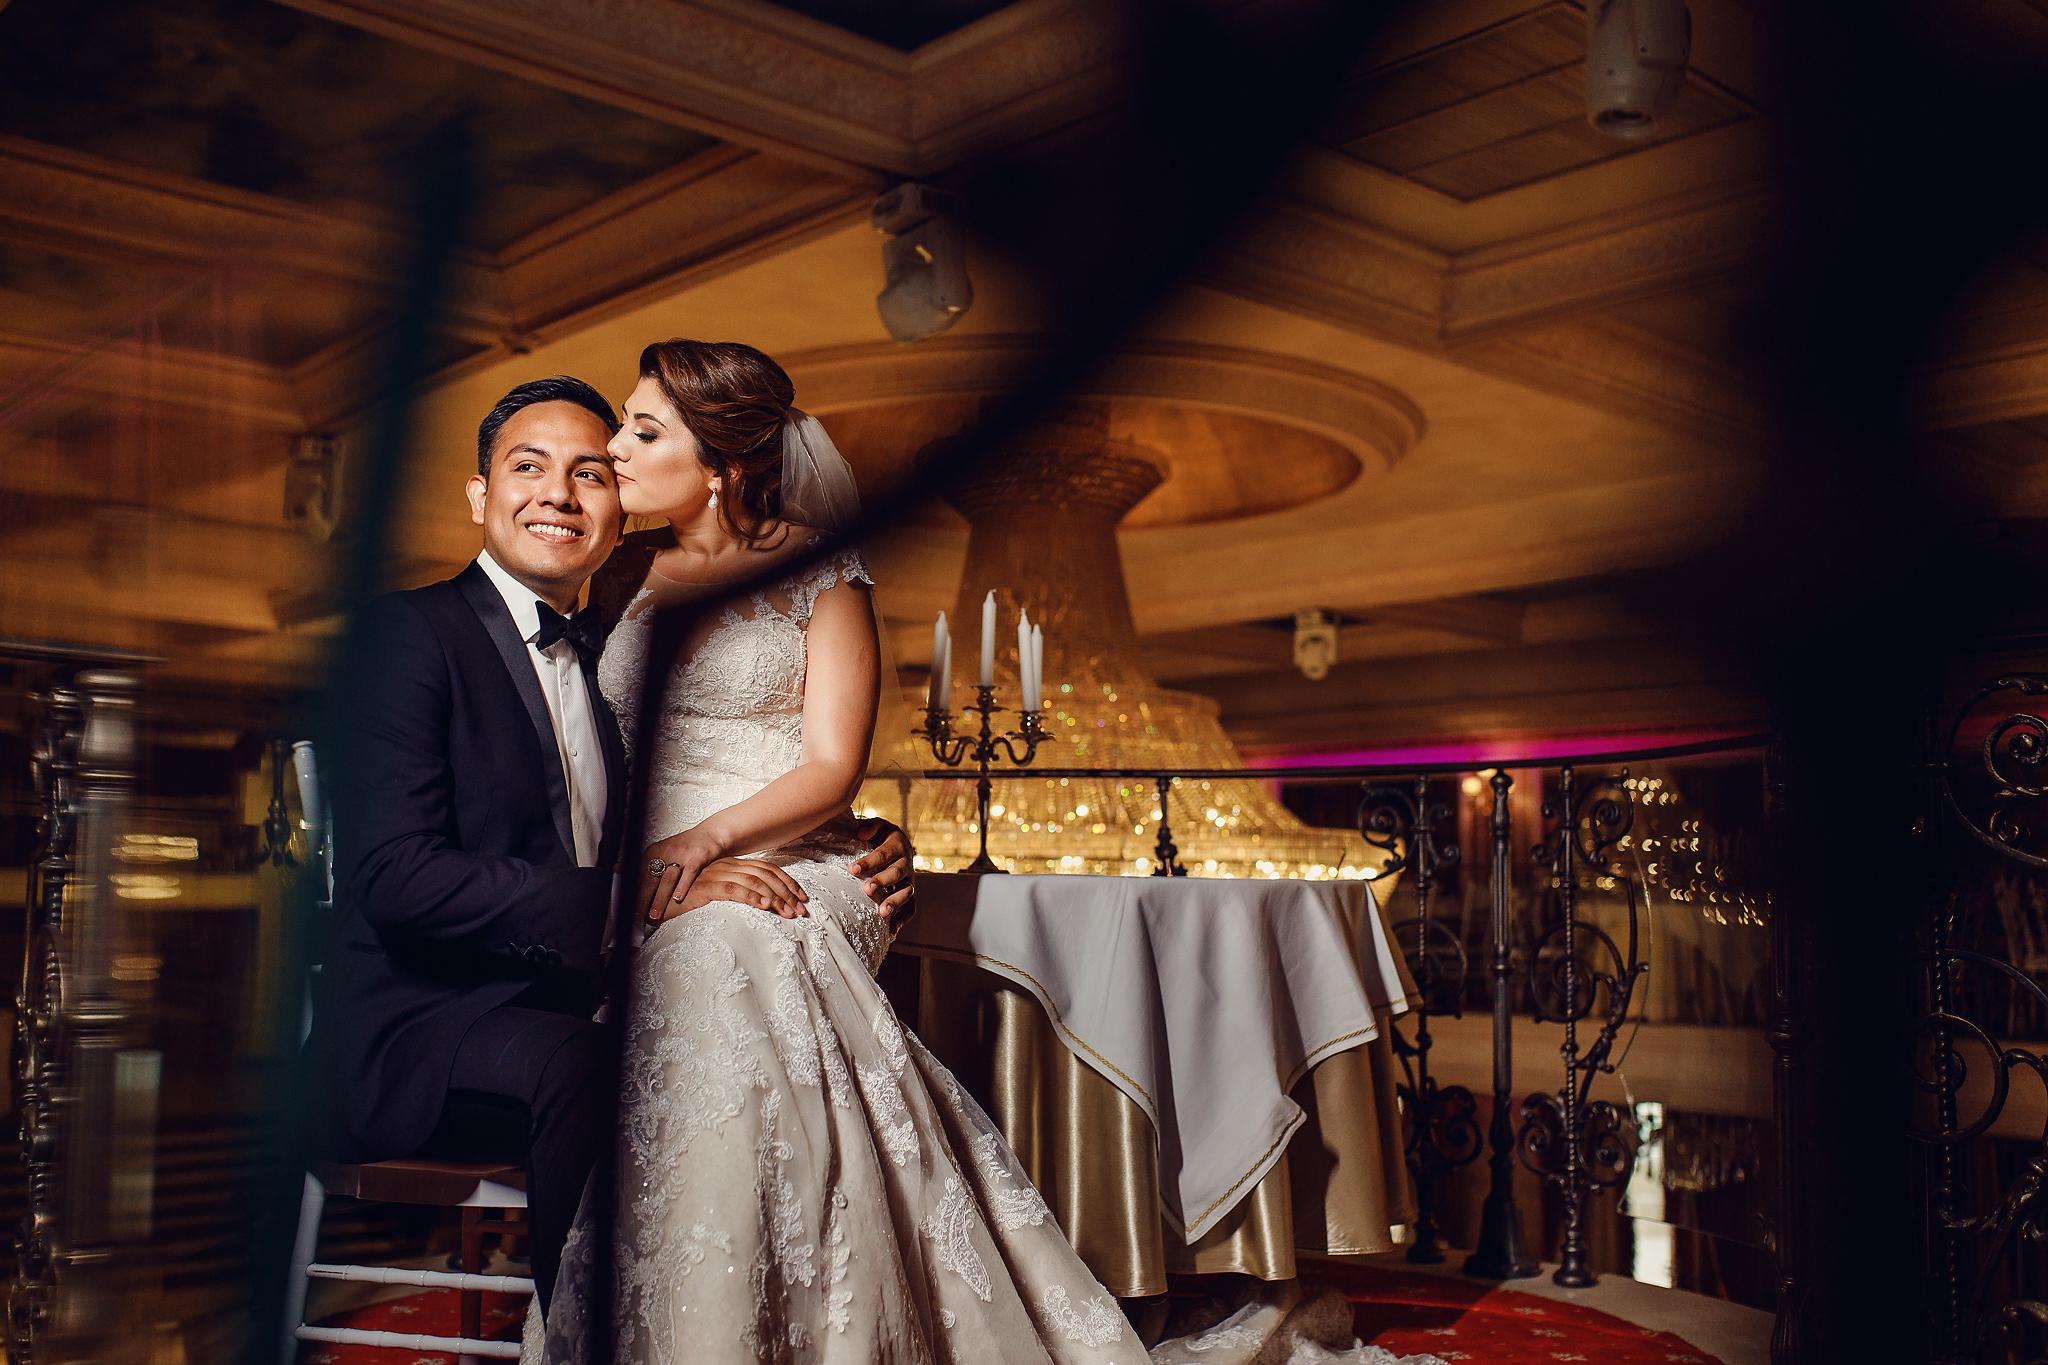 Fotografiile din albumul de nunta